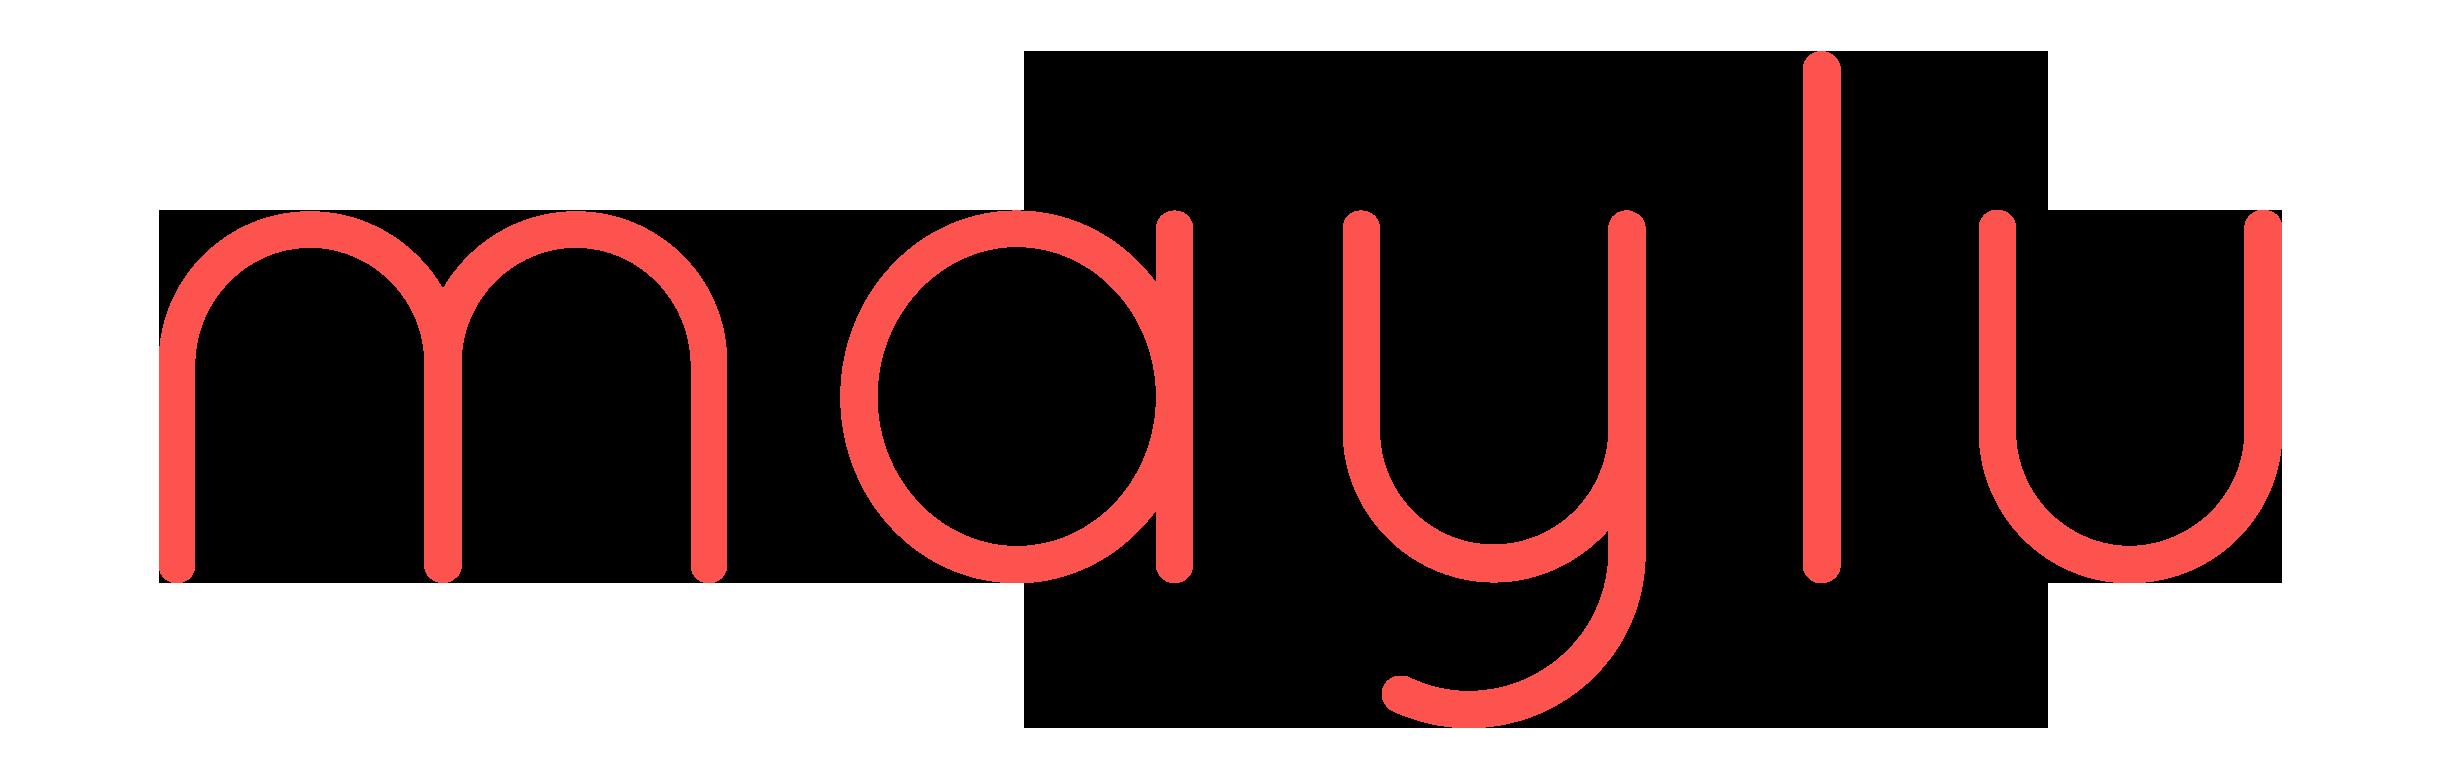 maylu Digital Marketing Co